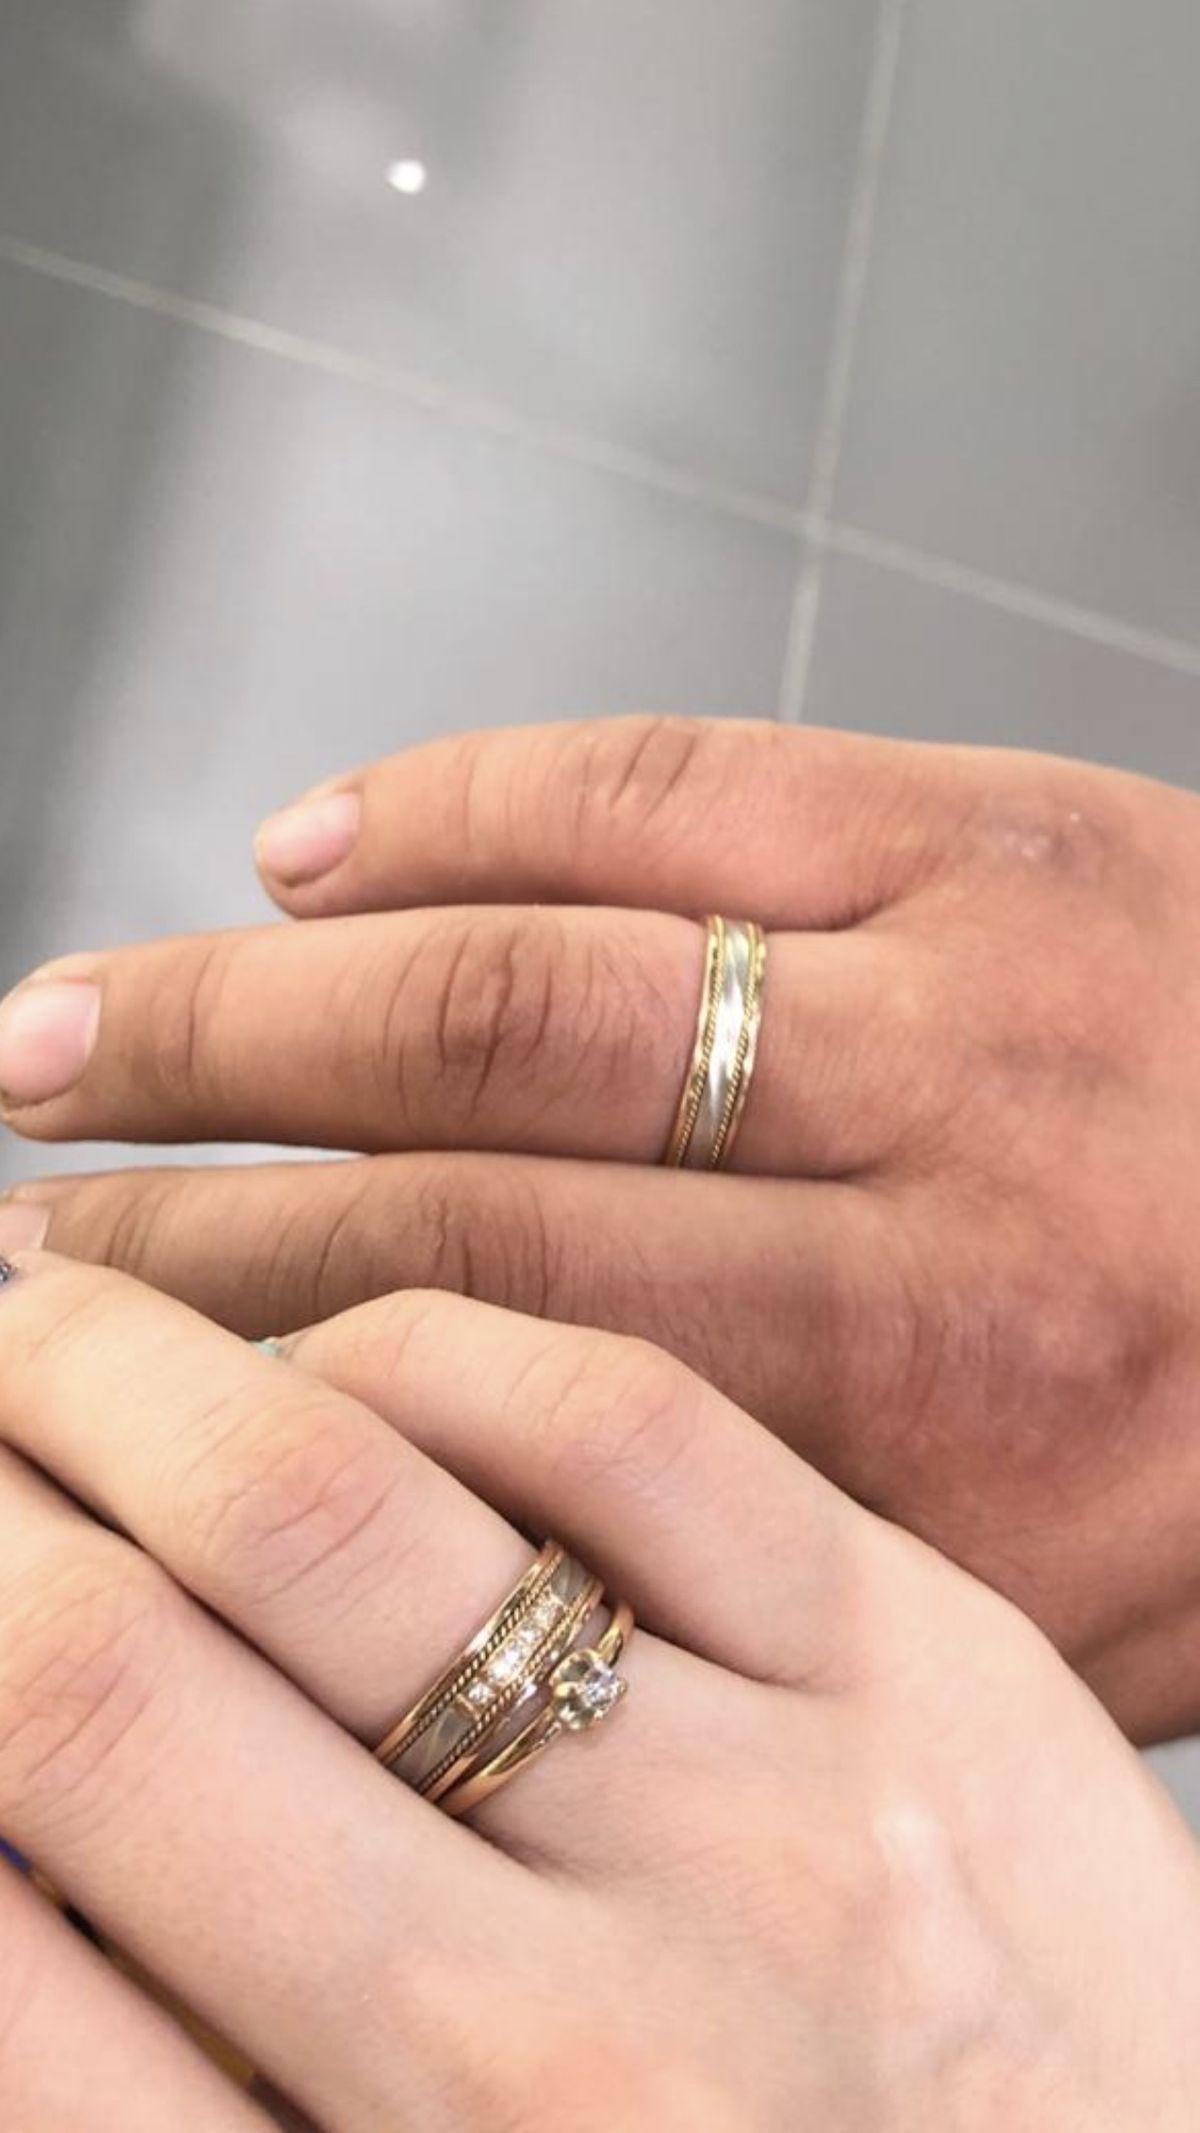 Красивое обручальное кольцо)